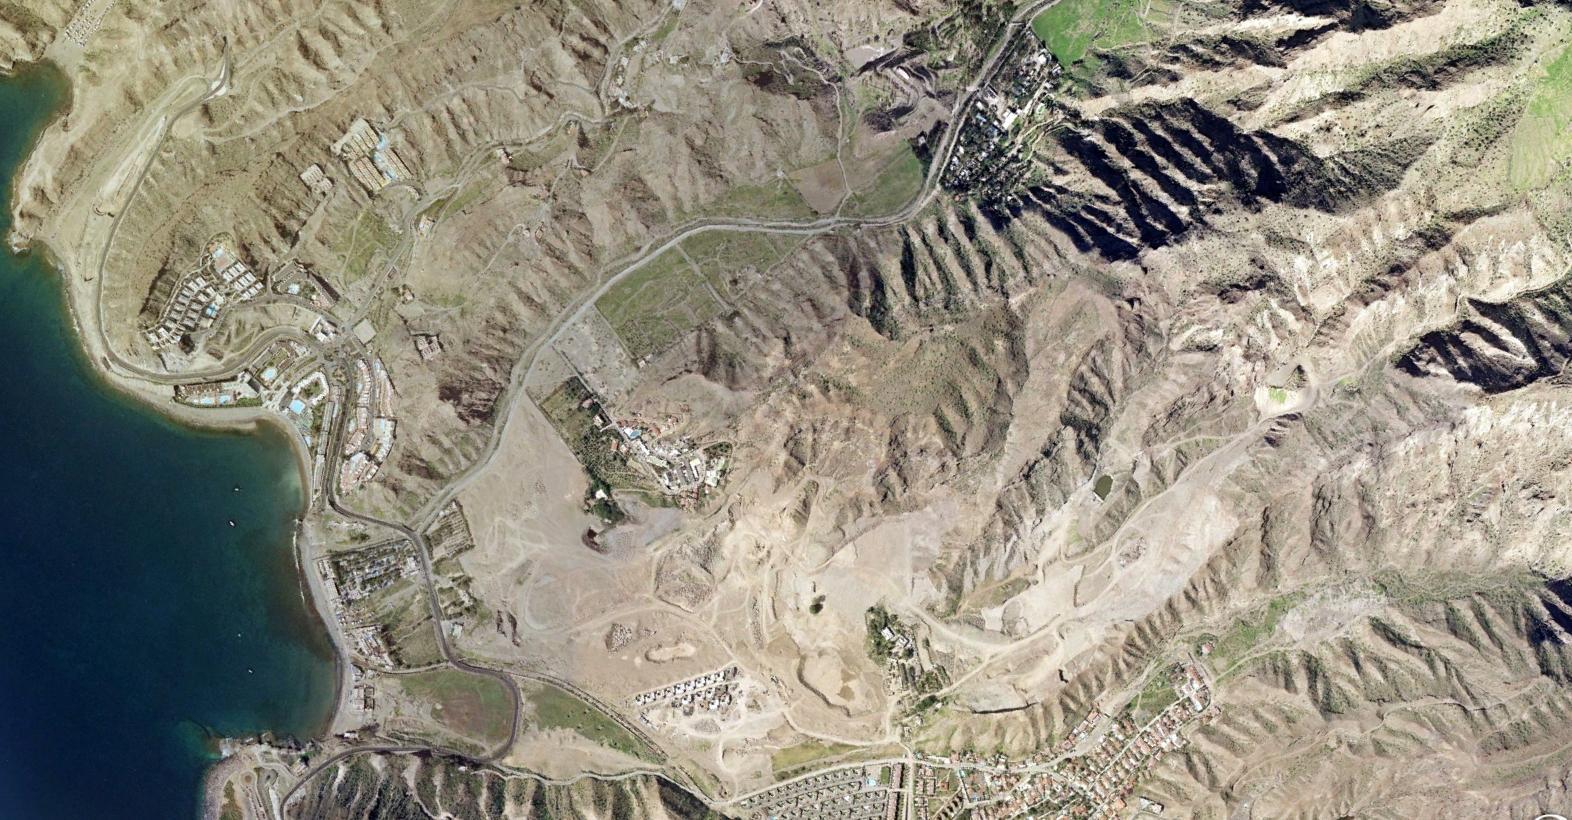 el barranco del cura, gran canaria, las palmas, priest ravine, antes, urbanismo, planeamiento, urbano, desastre, urbanístico, construcción